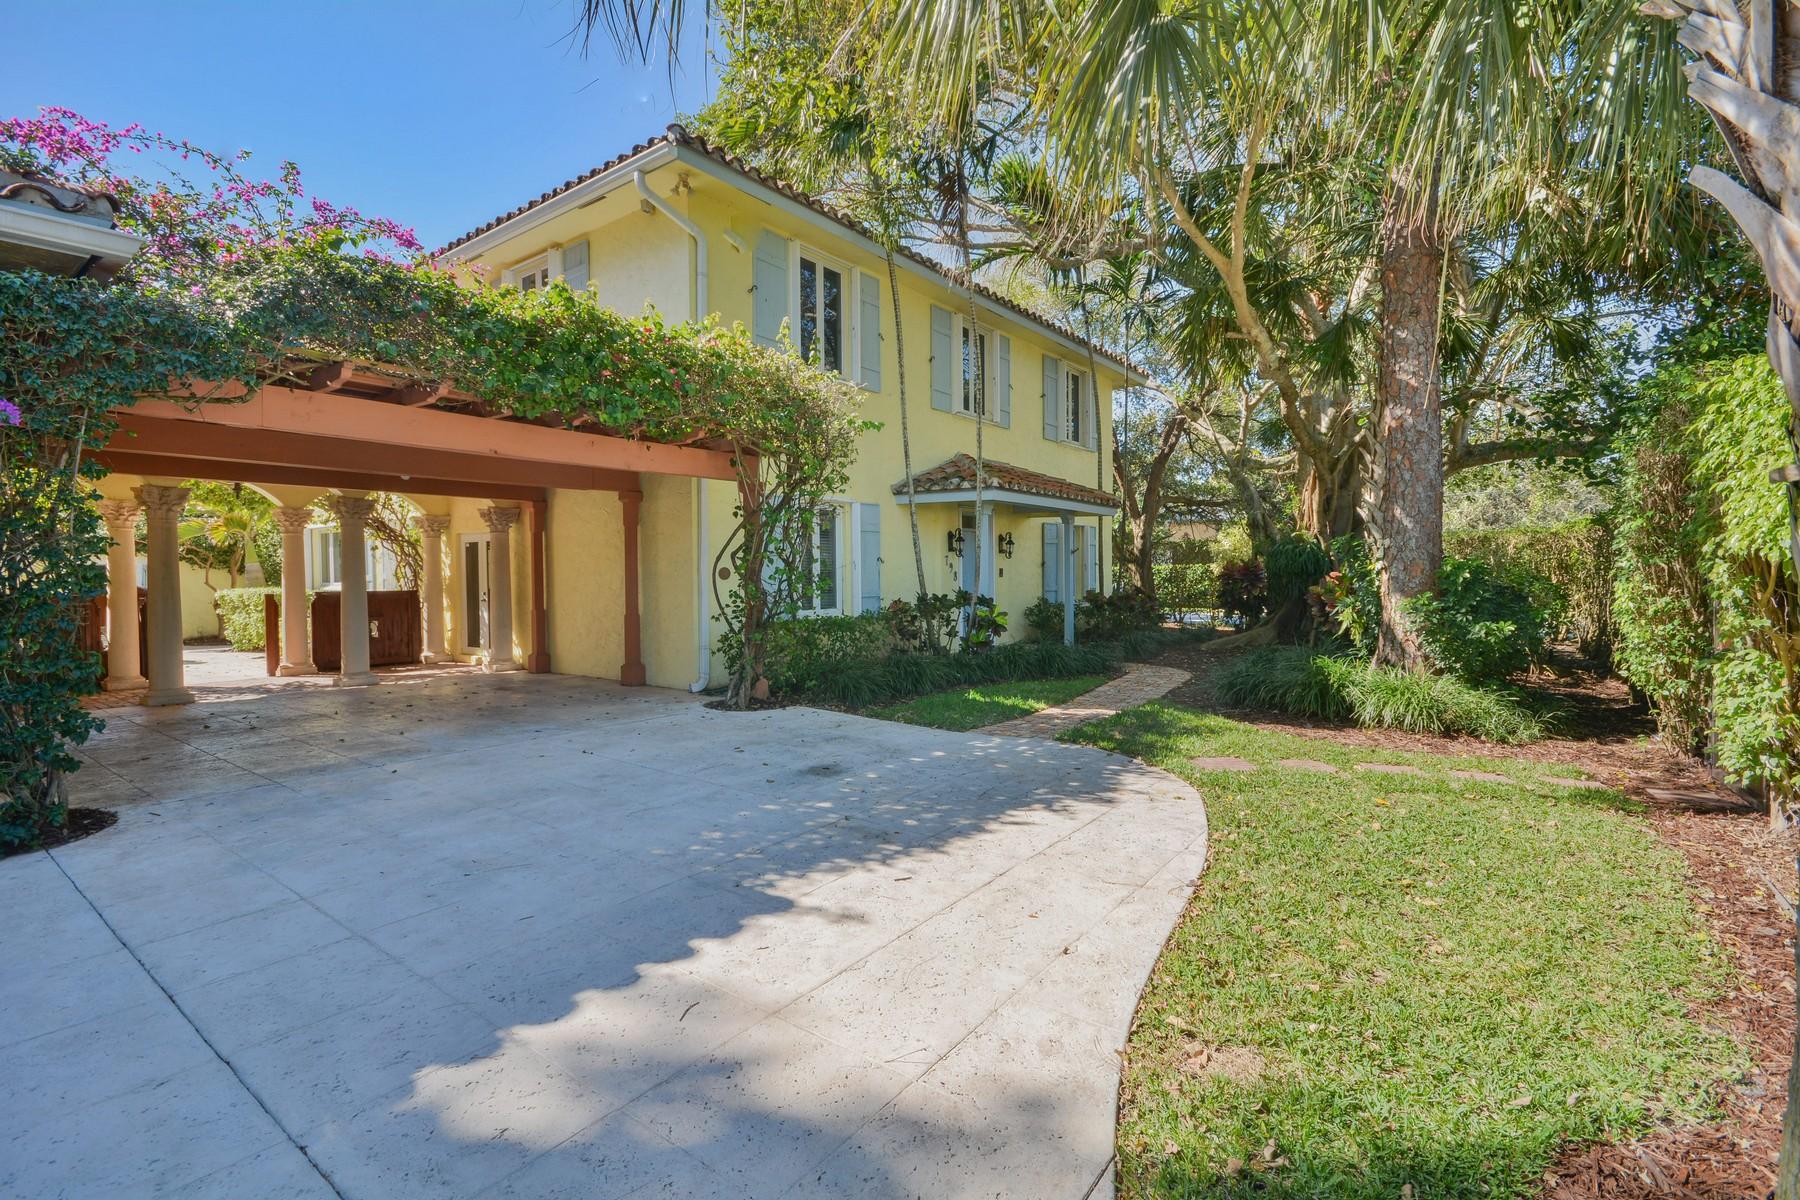 独户住宅 为 销售 在 798 Periwinkle St , Boca Raton, FL 33486 798 Periwinkle St 博卡拉顿, 佛罗里达州, 33486 美国